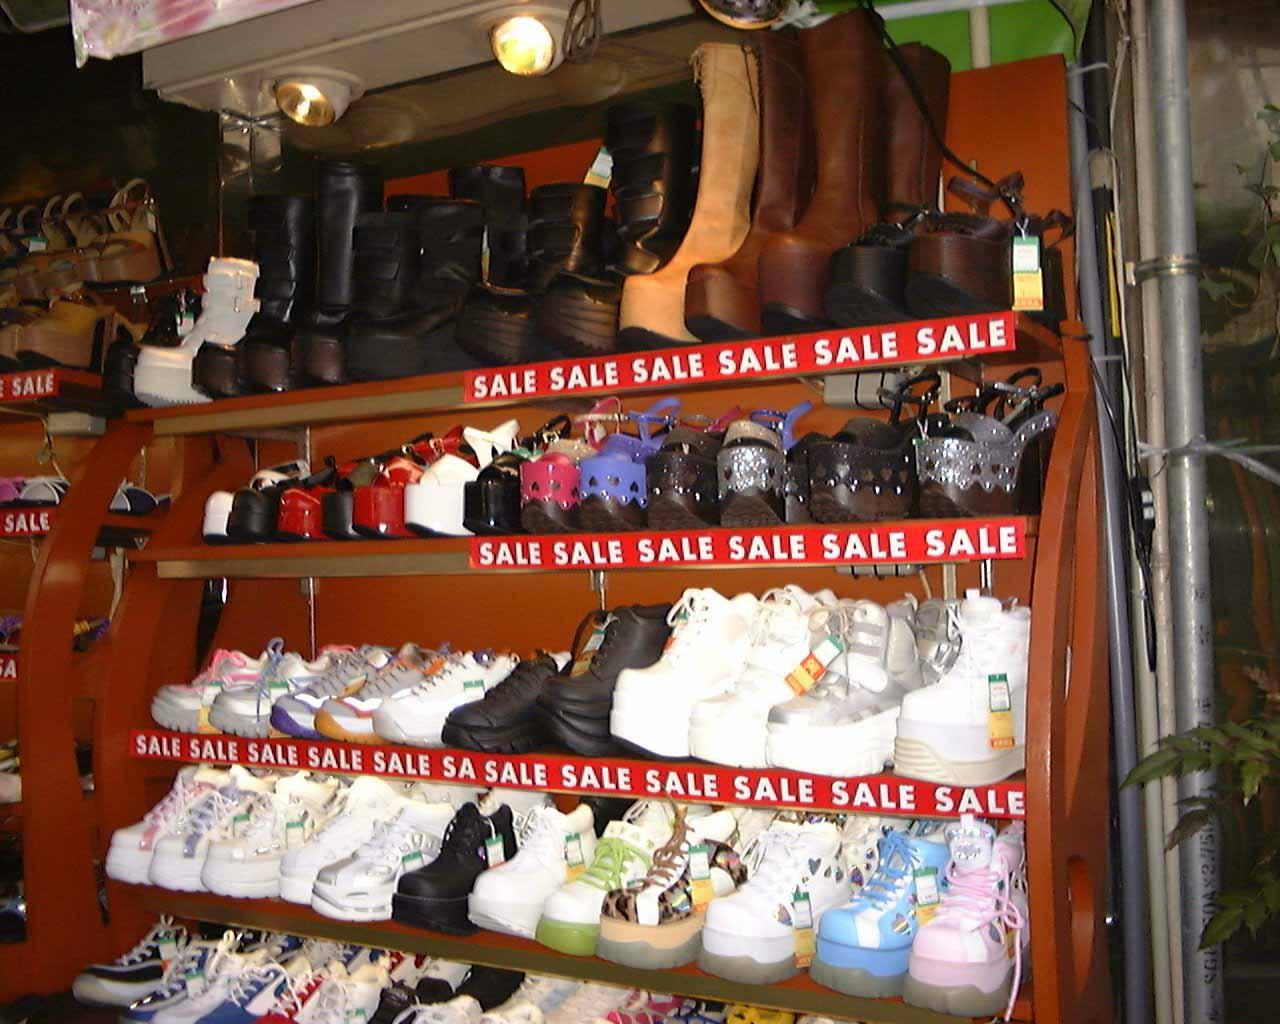 ru little girl high heels images usseekcom